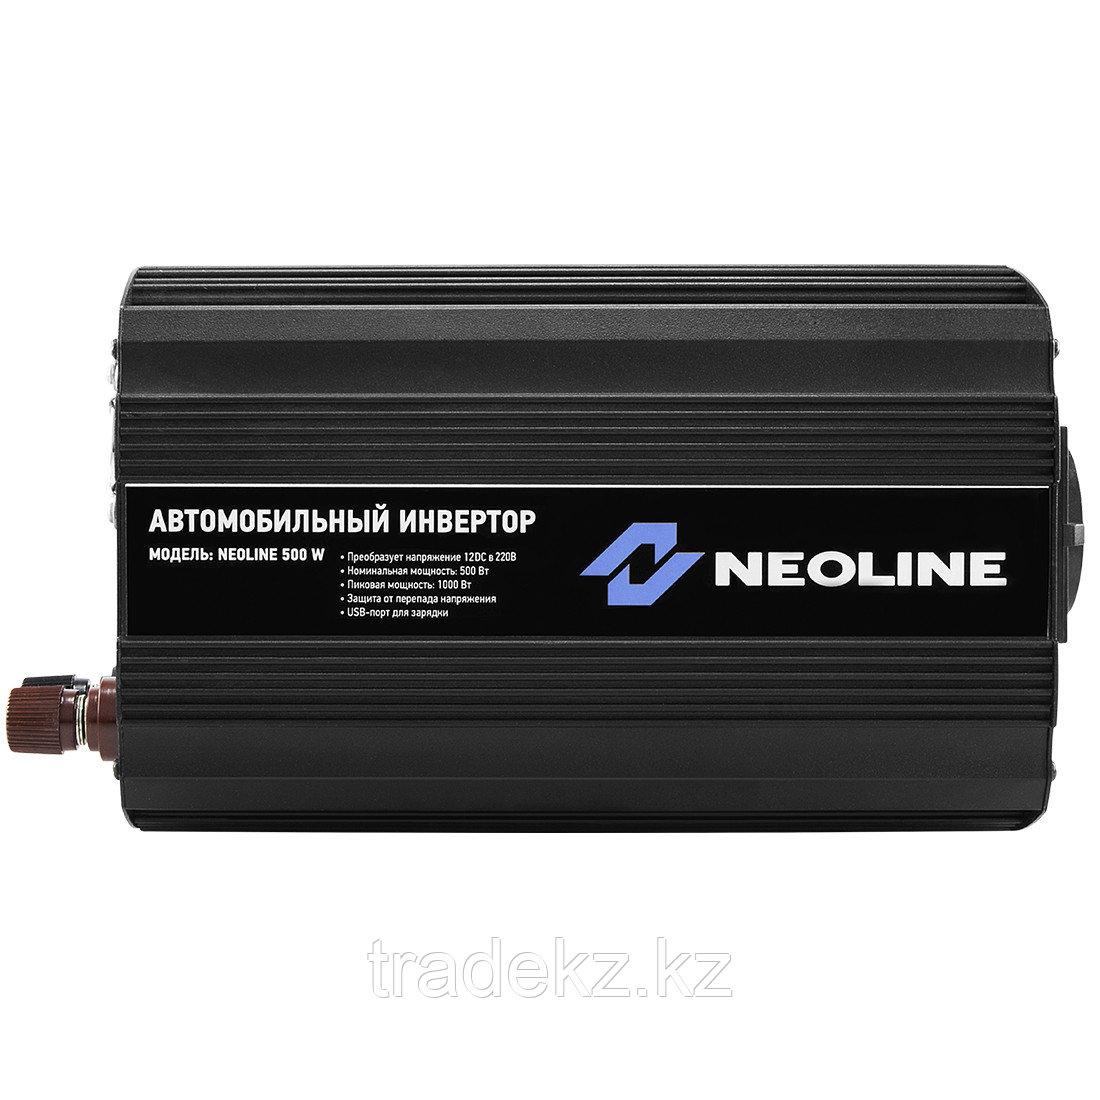 Инвертор, преобразователь напряжения Neoline 500W